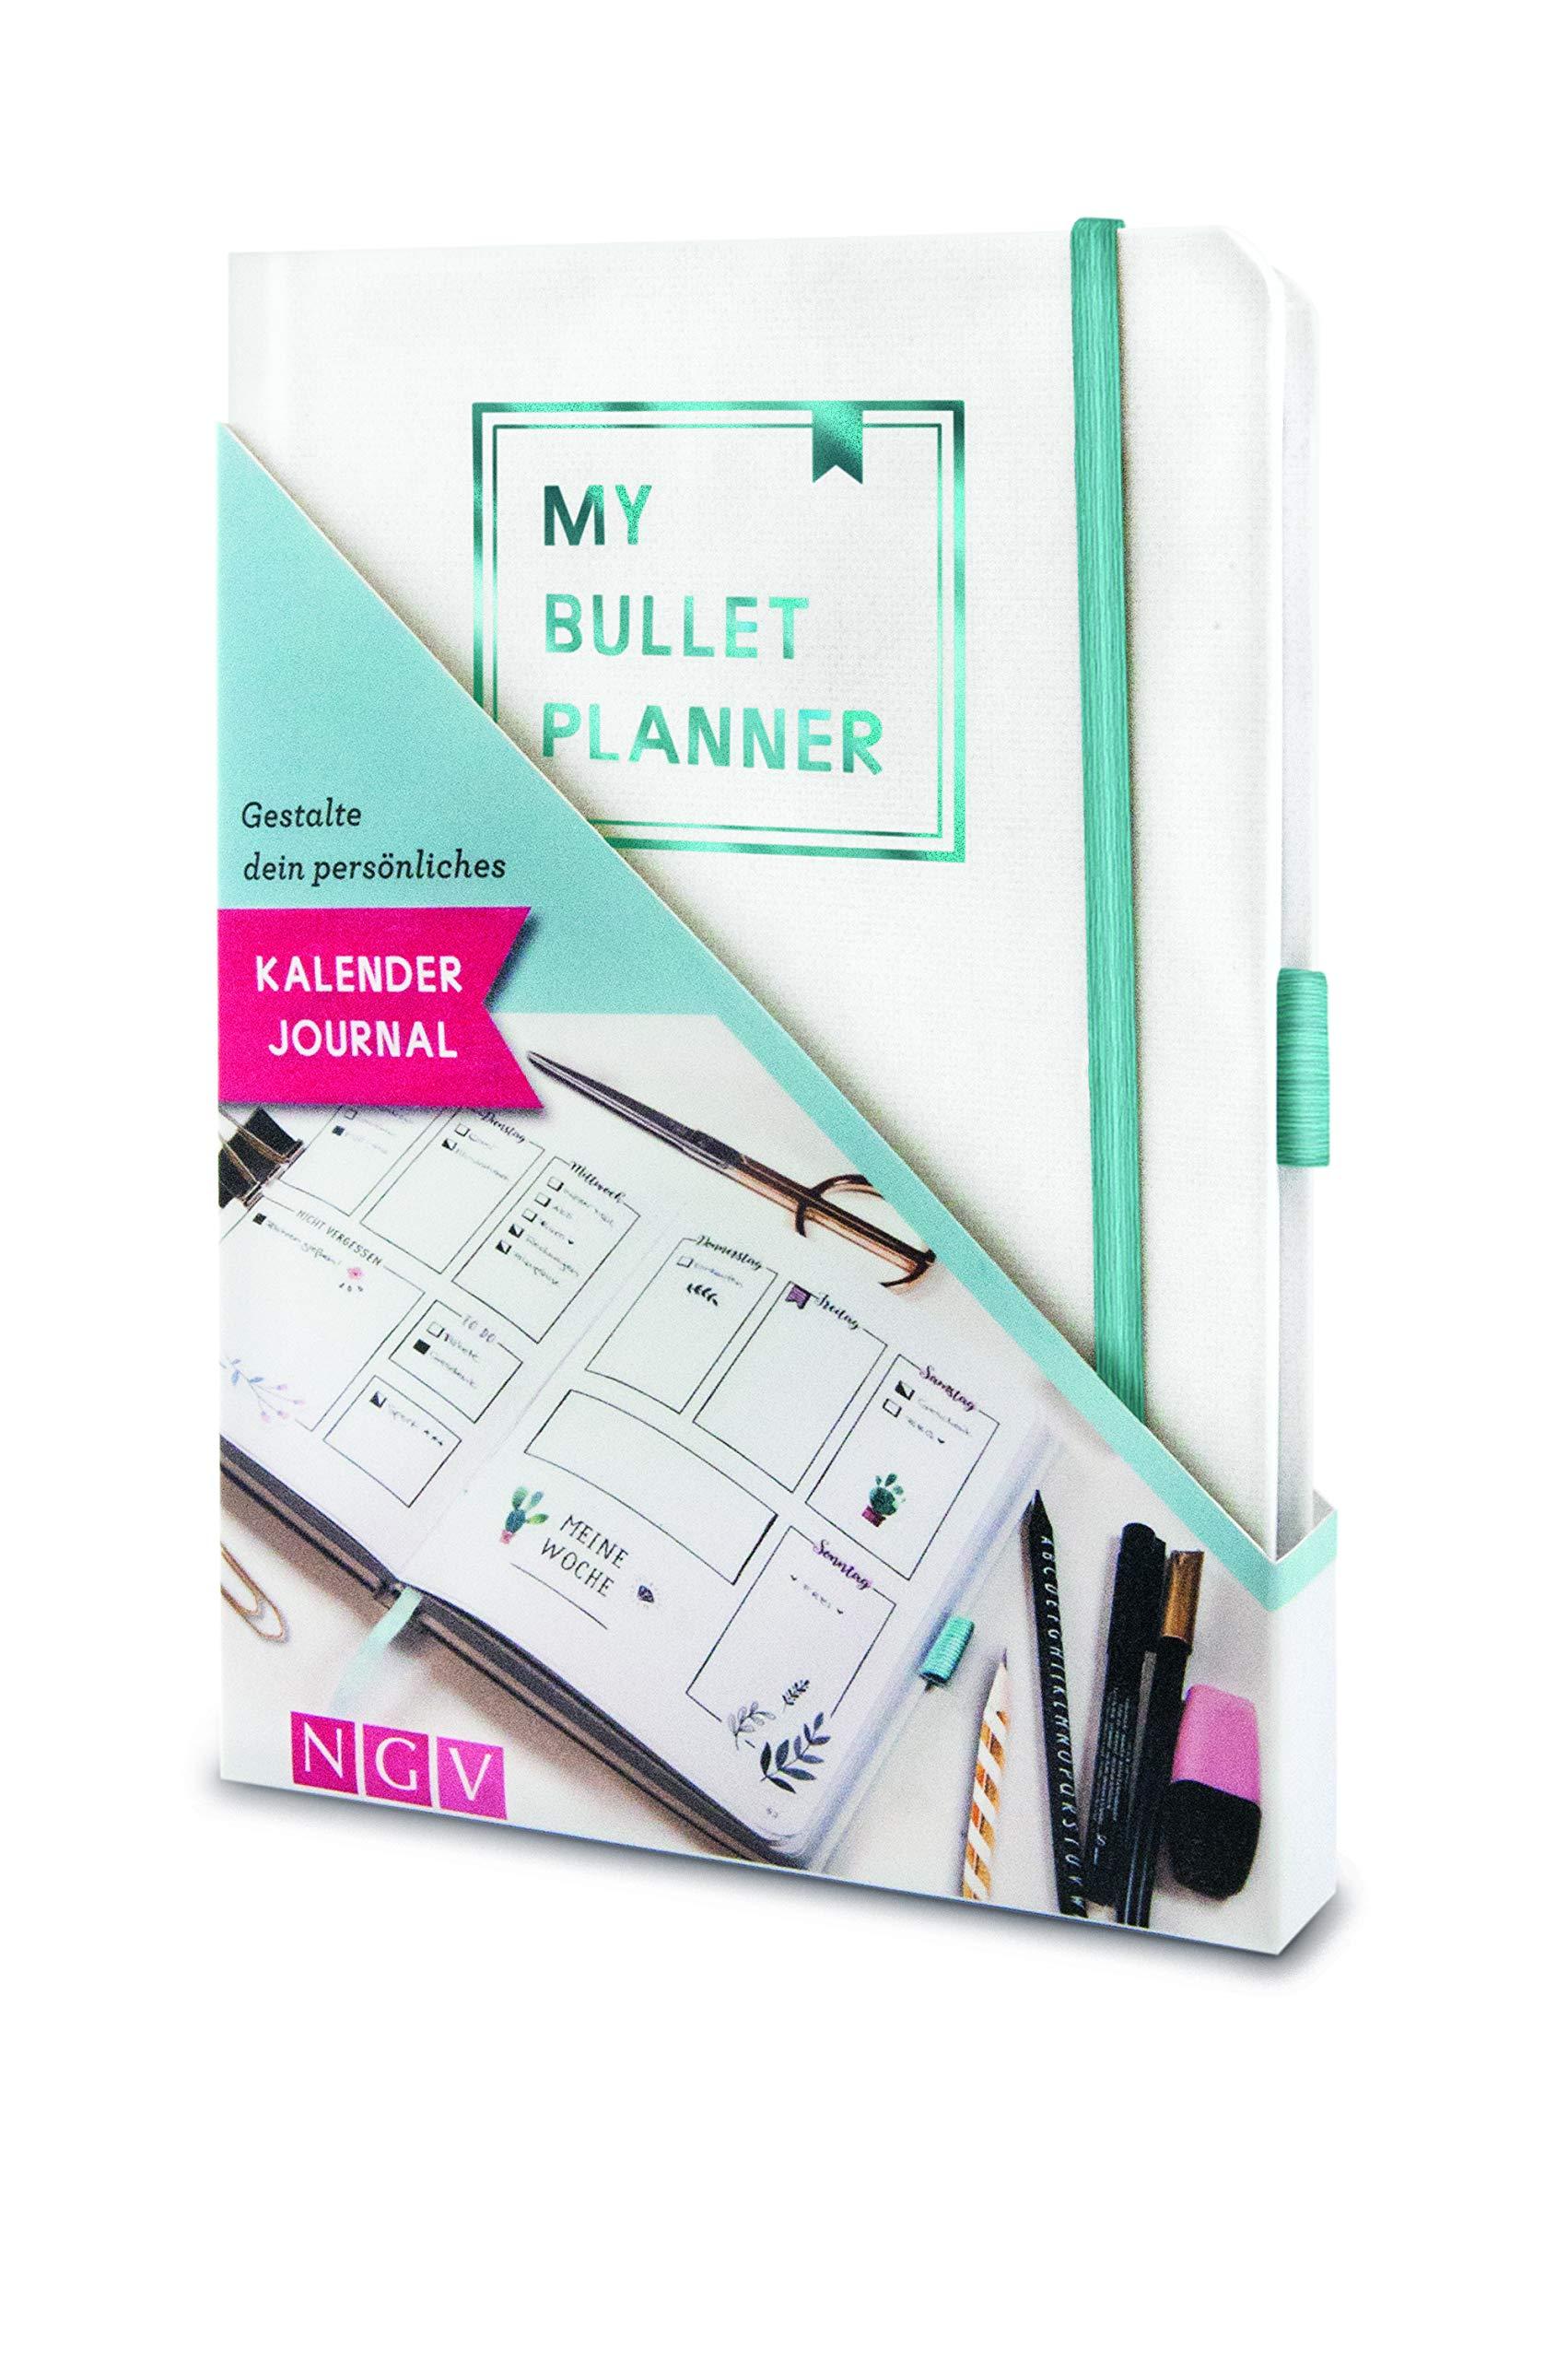 my-bullet-planner-gestalte-dein-persnliches-bullet-journal-set-mit-notizbuch-stickern-schablone-und-anleitung